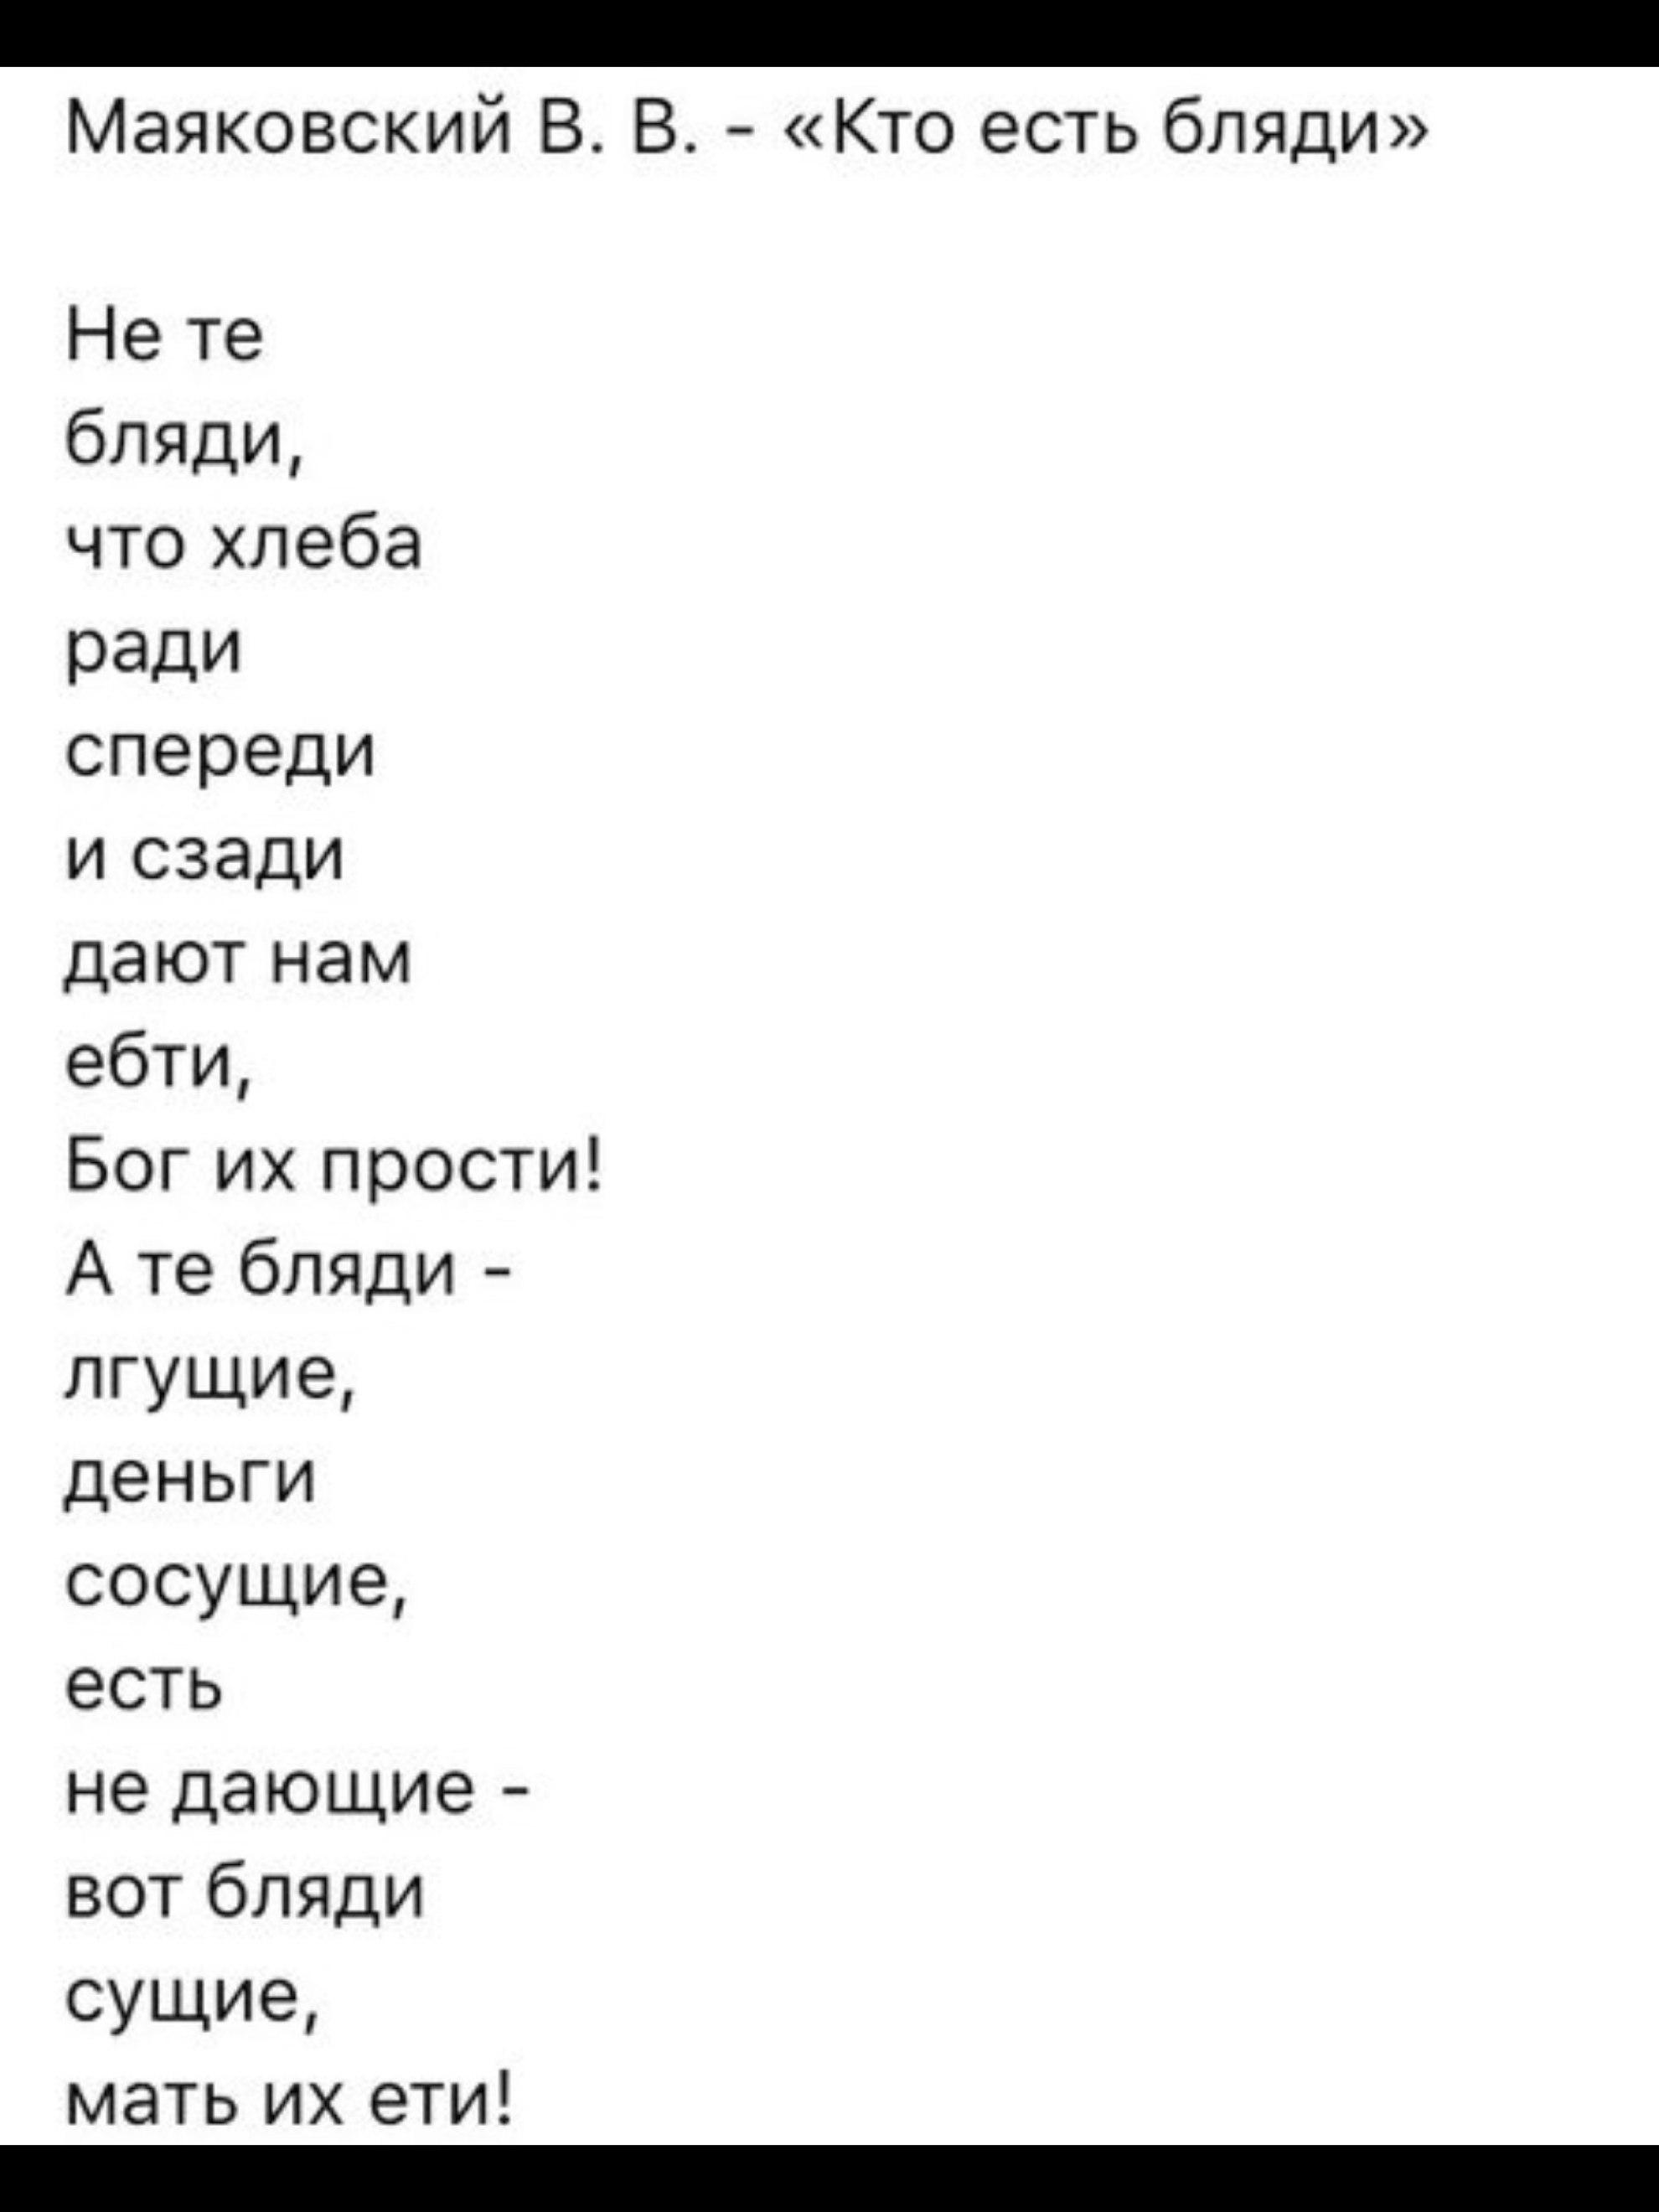 mayakovskiy-o-blyadyah